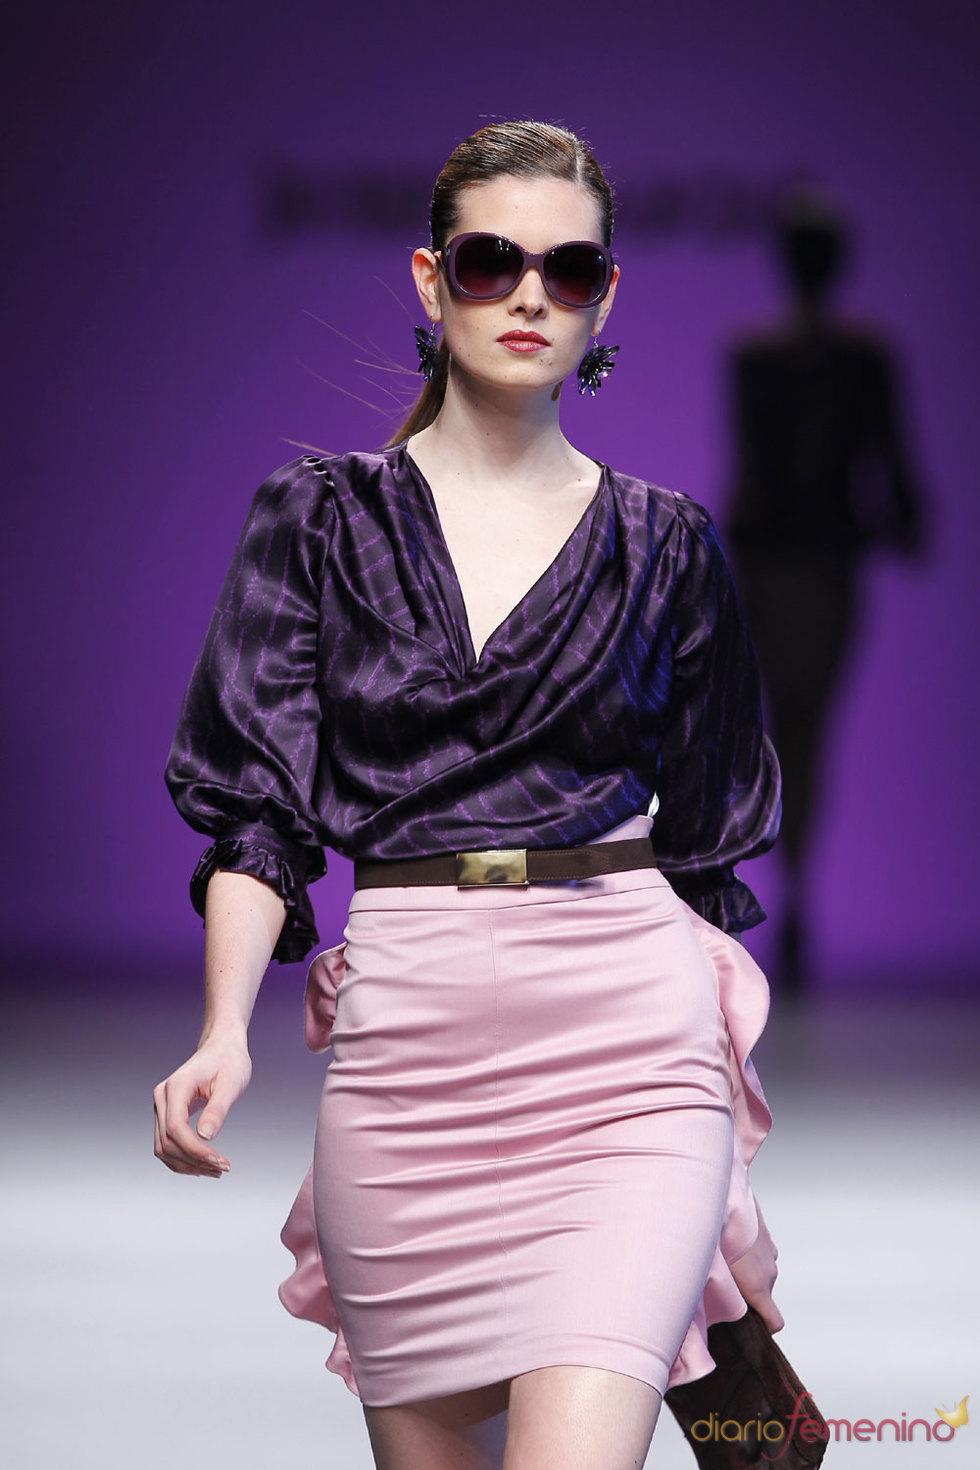 Moda Femenina 2010-2011 de Javier Larrainzar